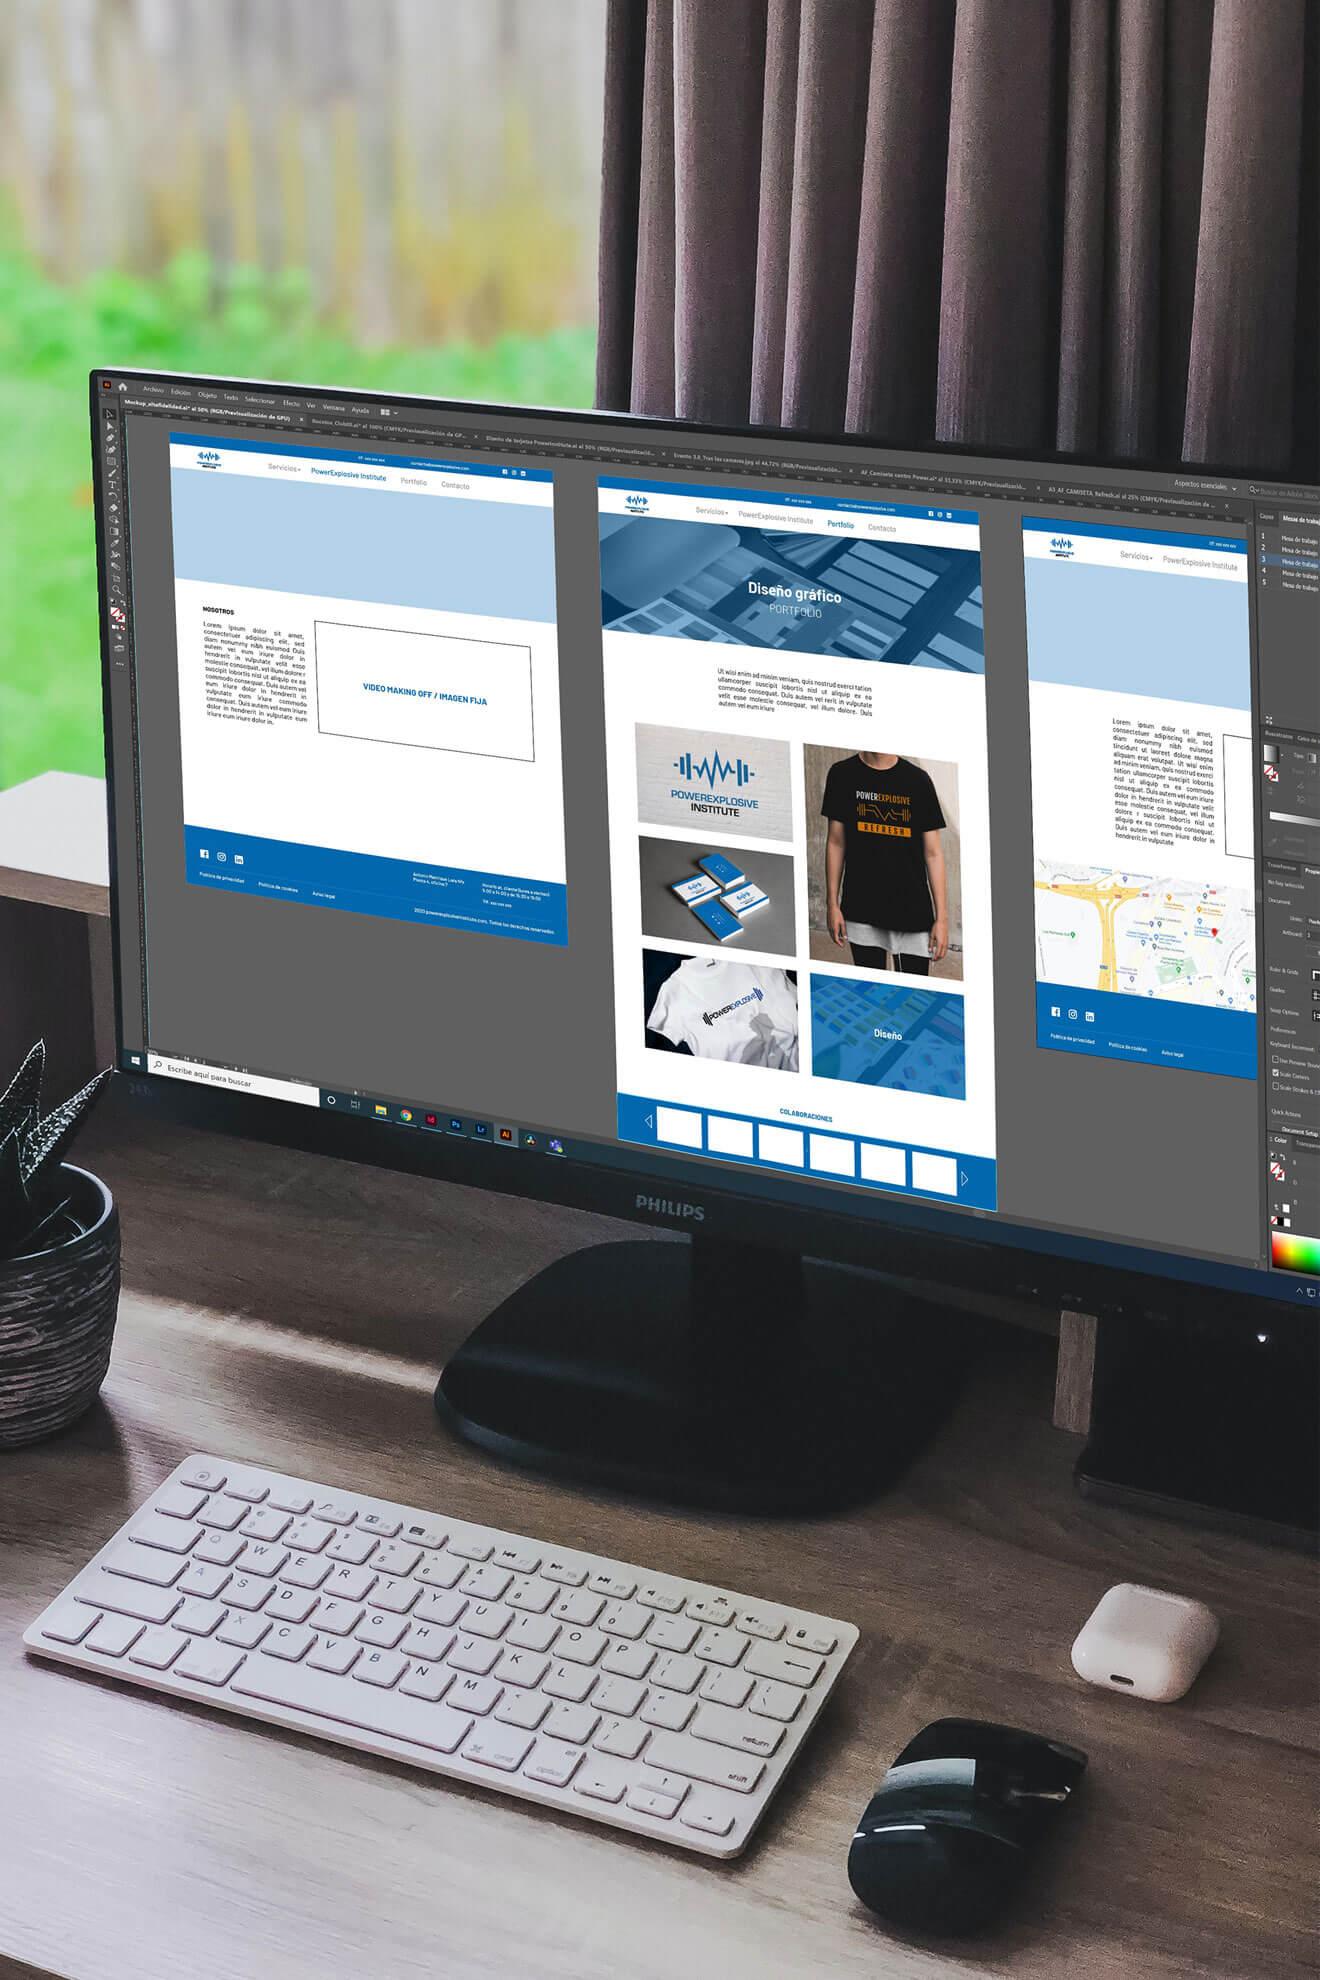 Diseño web portfolio powerexplosive institute